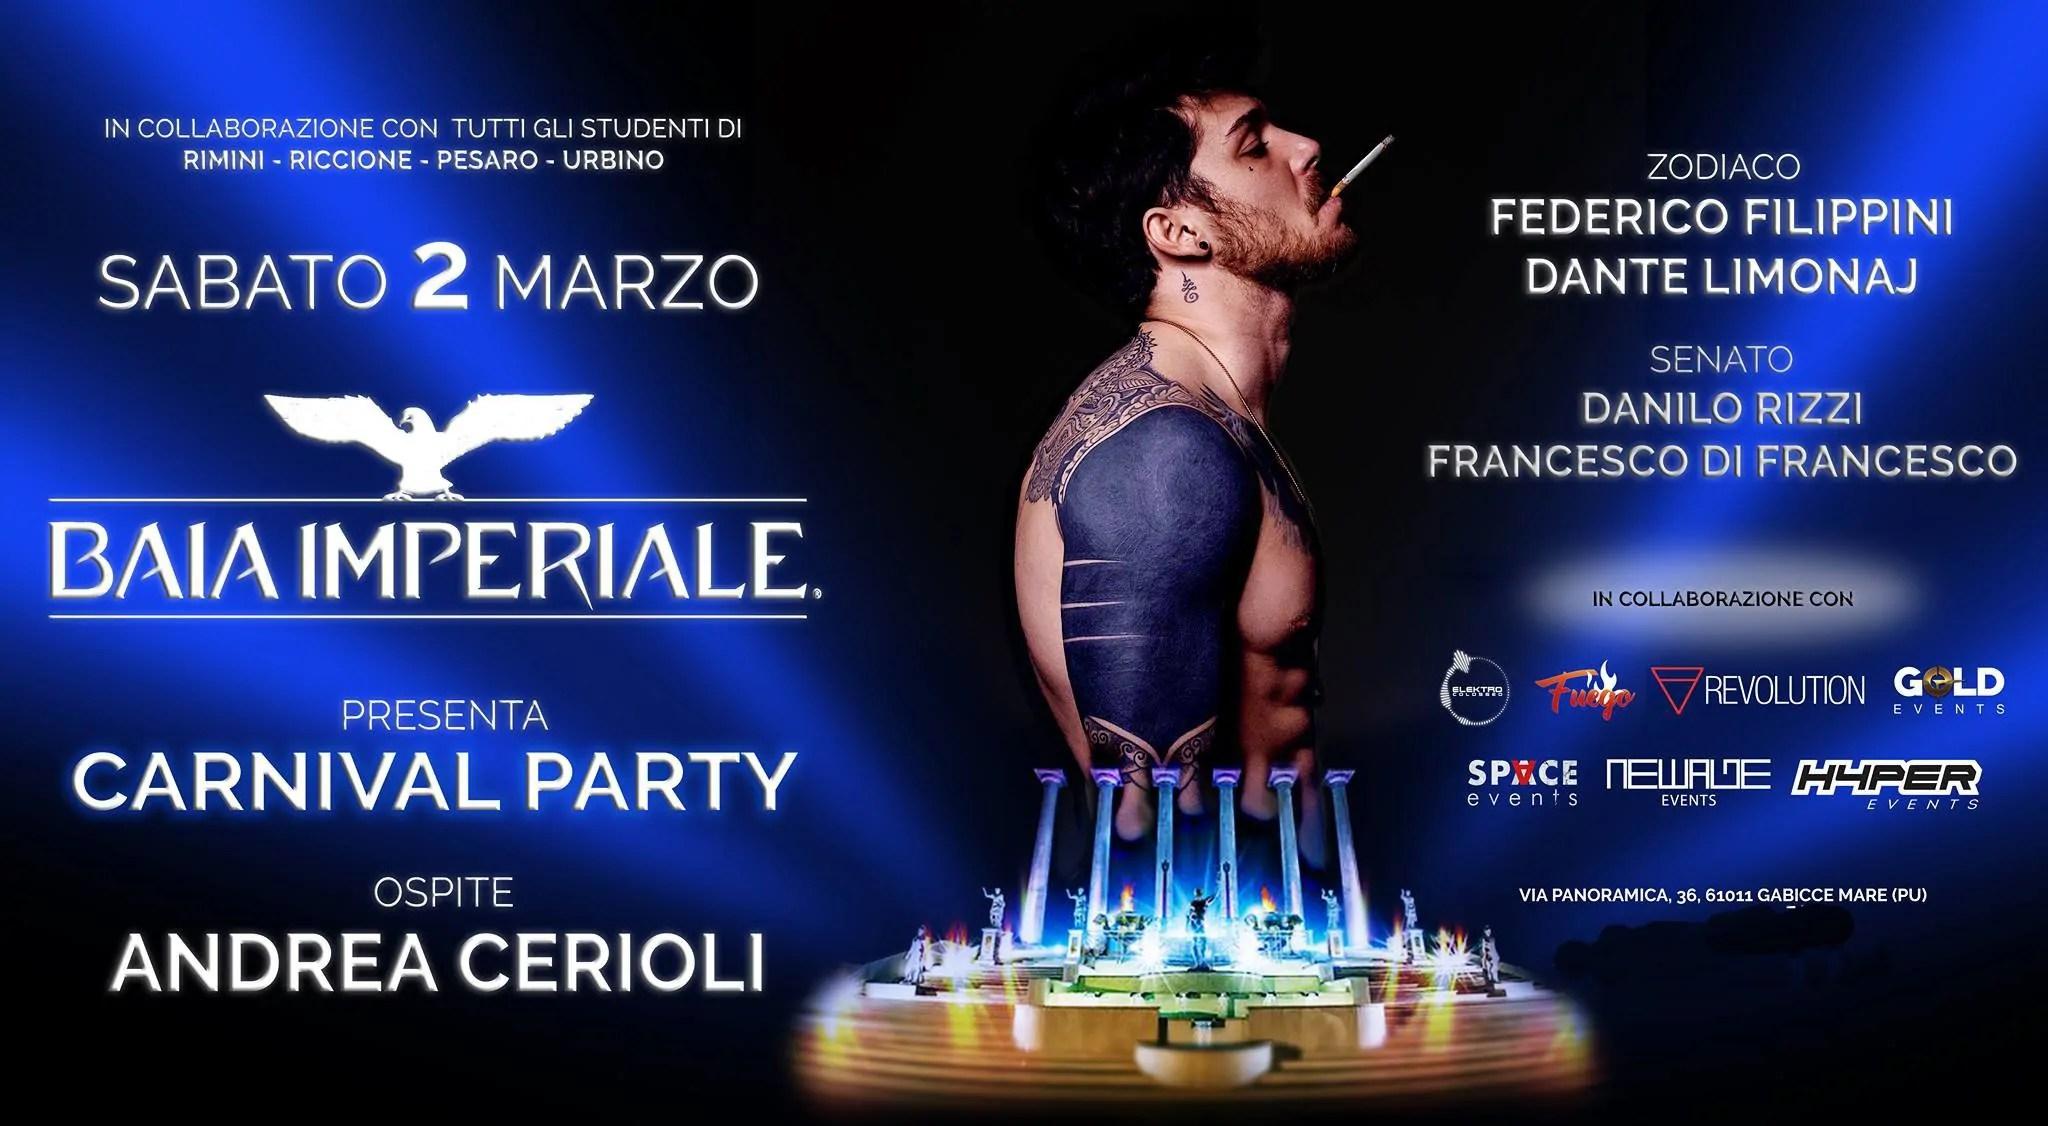 Baia Imperiale 02 Marzo 2019 Ticket Pacchetti